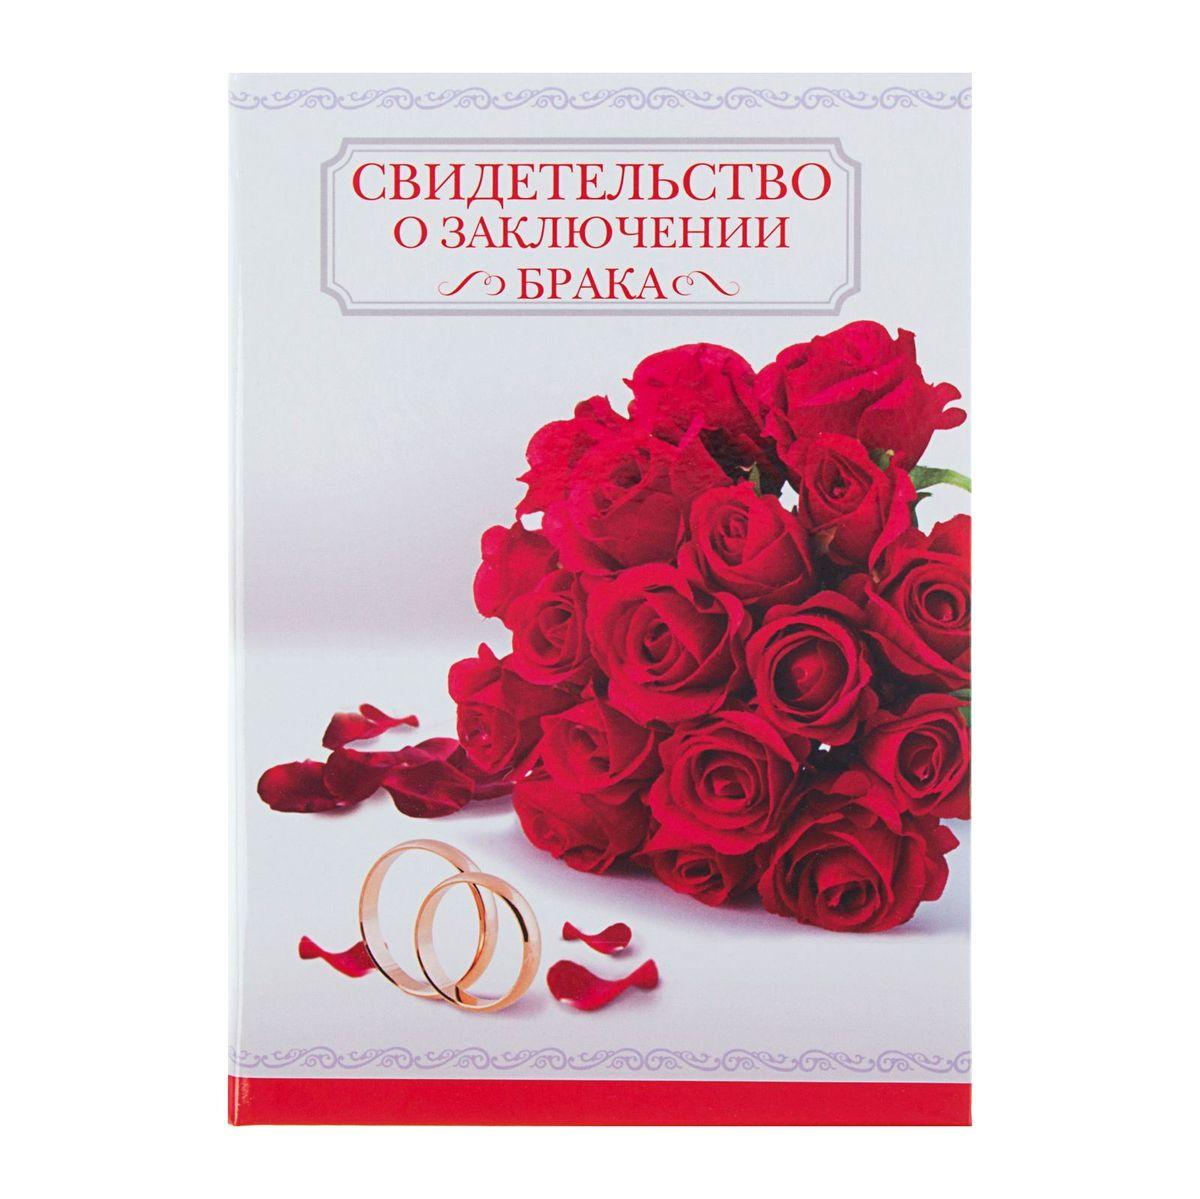 """Sima-land Папка под свидетельство о заключении брака """"Красные розы"""", 14,2х20,5 см. 1300372"""